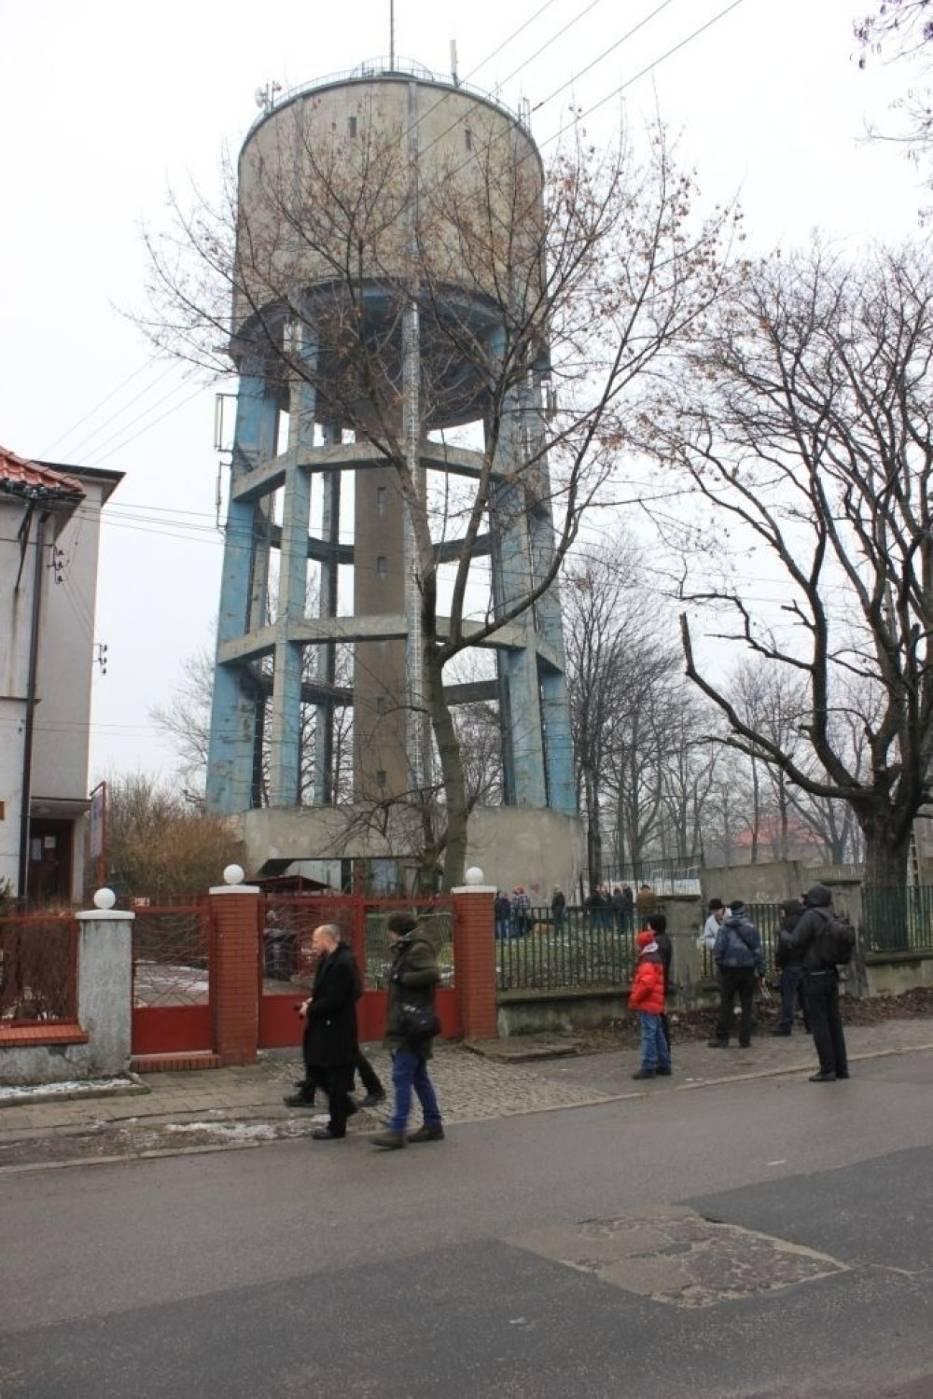 44-metrowa wieża ciśnień została wybudowana w 1936 roku przez firmę Kaller&Stanik